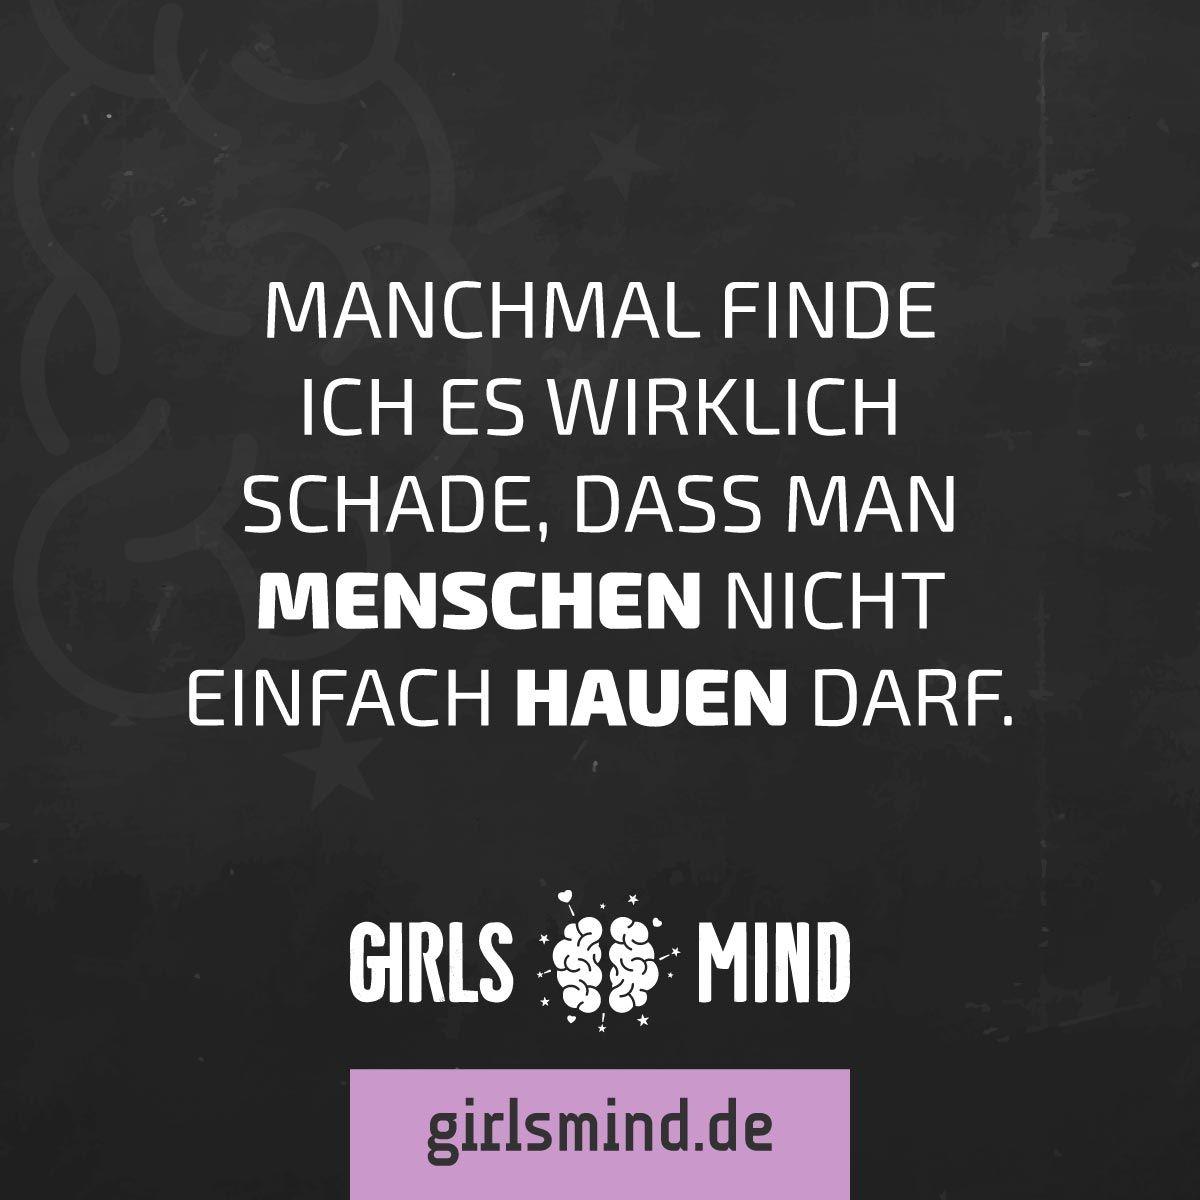 mehr sprüche auf: www.girlsmind.de #sonntag #faul #sofa #couch